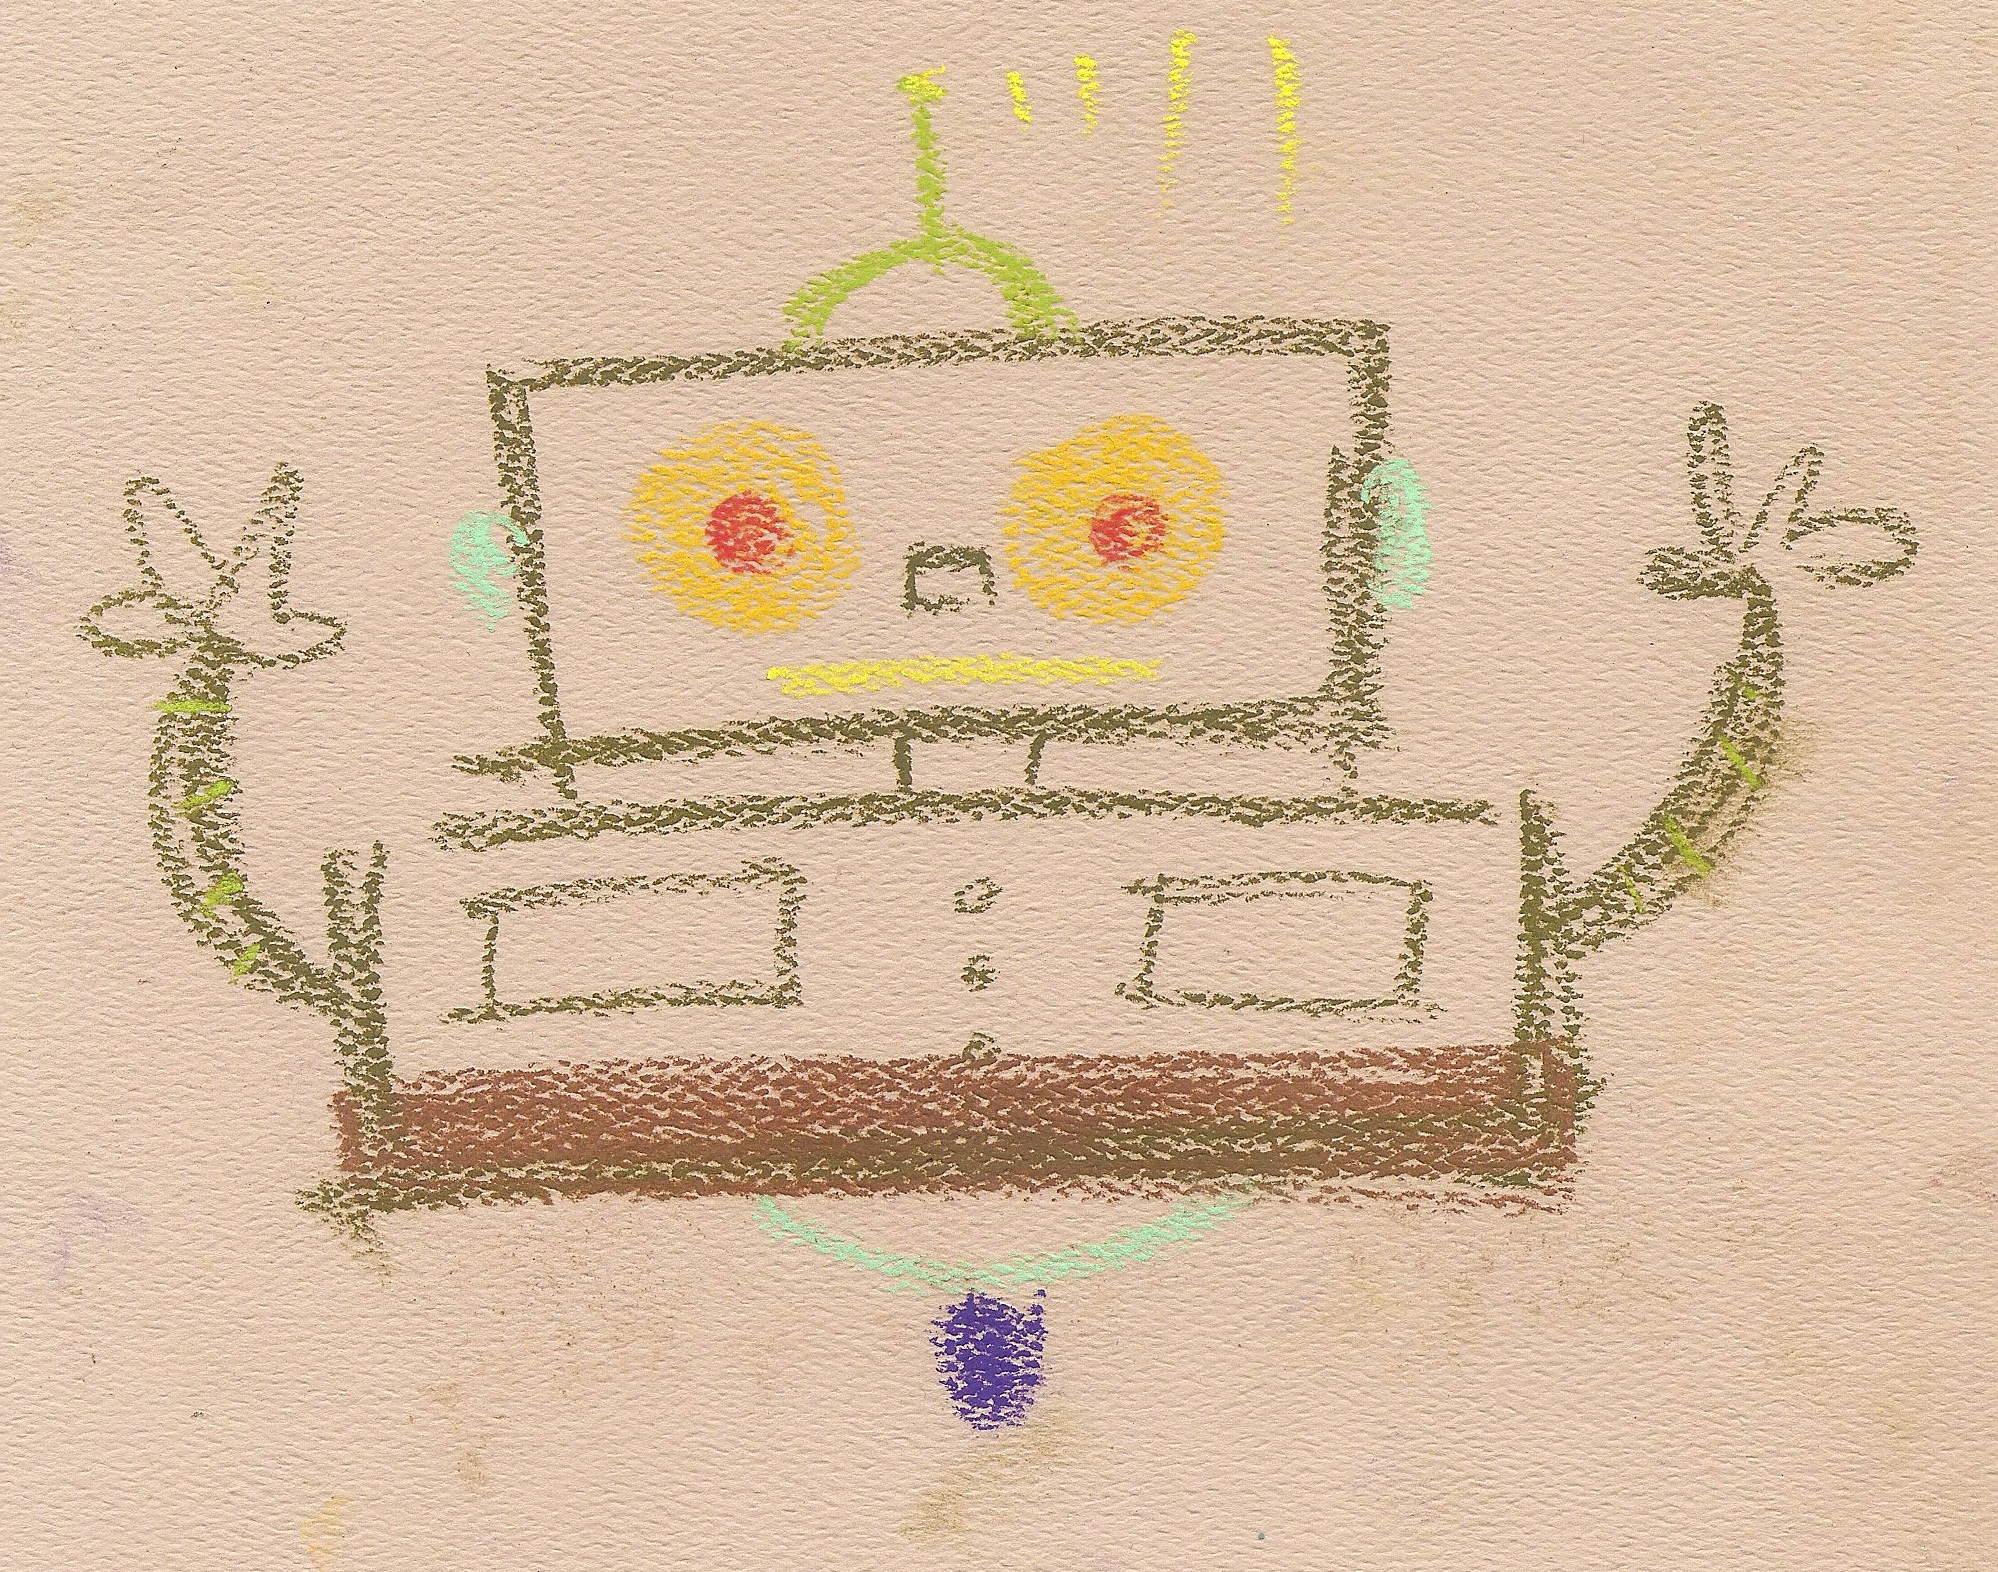 Robot.jpeg